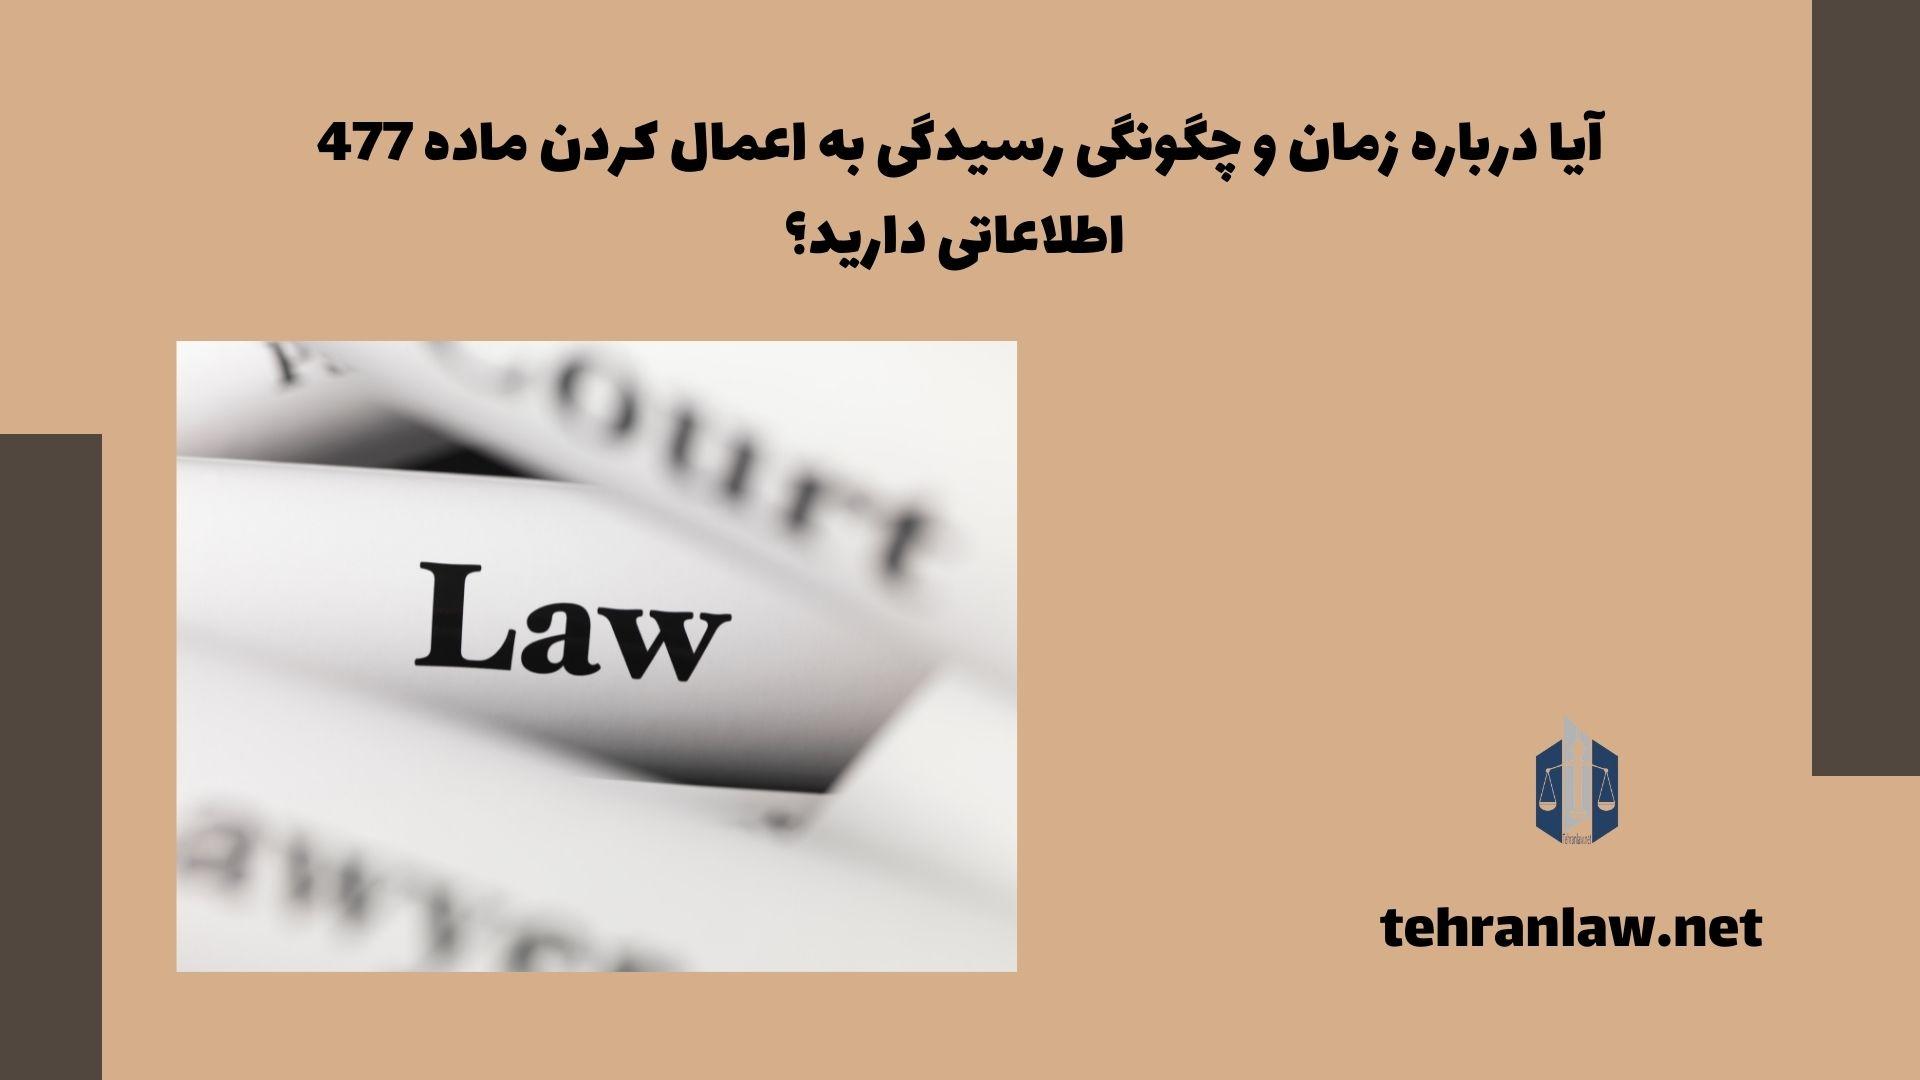 آیا درباره زمان و چگونگی رسیدگی به اعمال کردن ماده 477 اطلاعاتی دارید؟